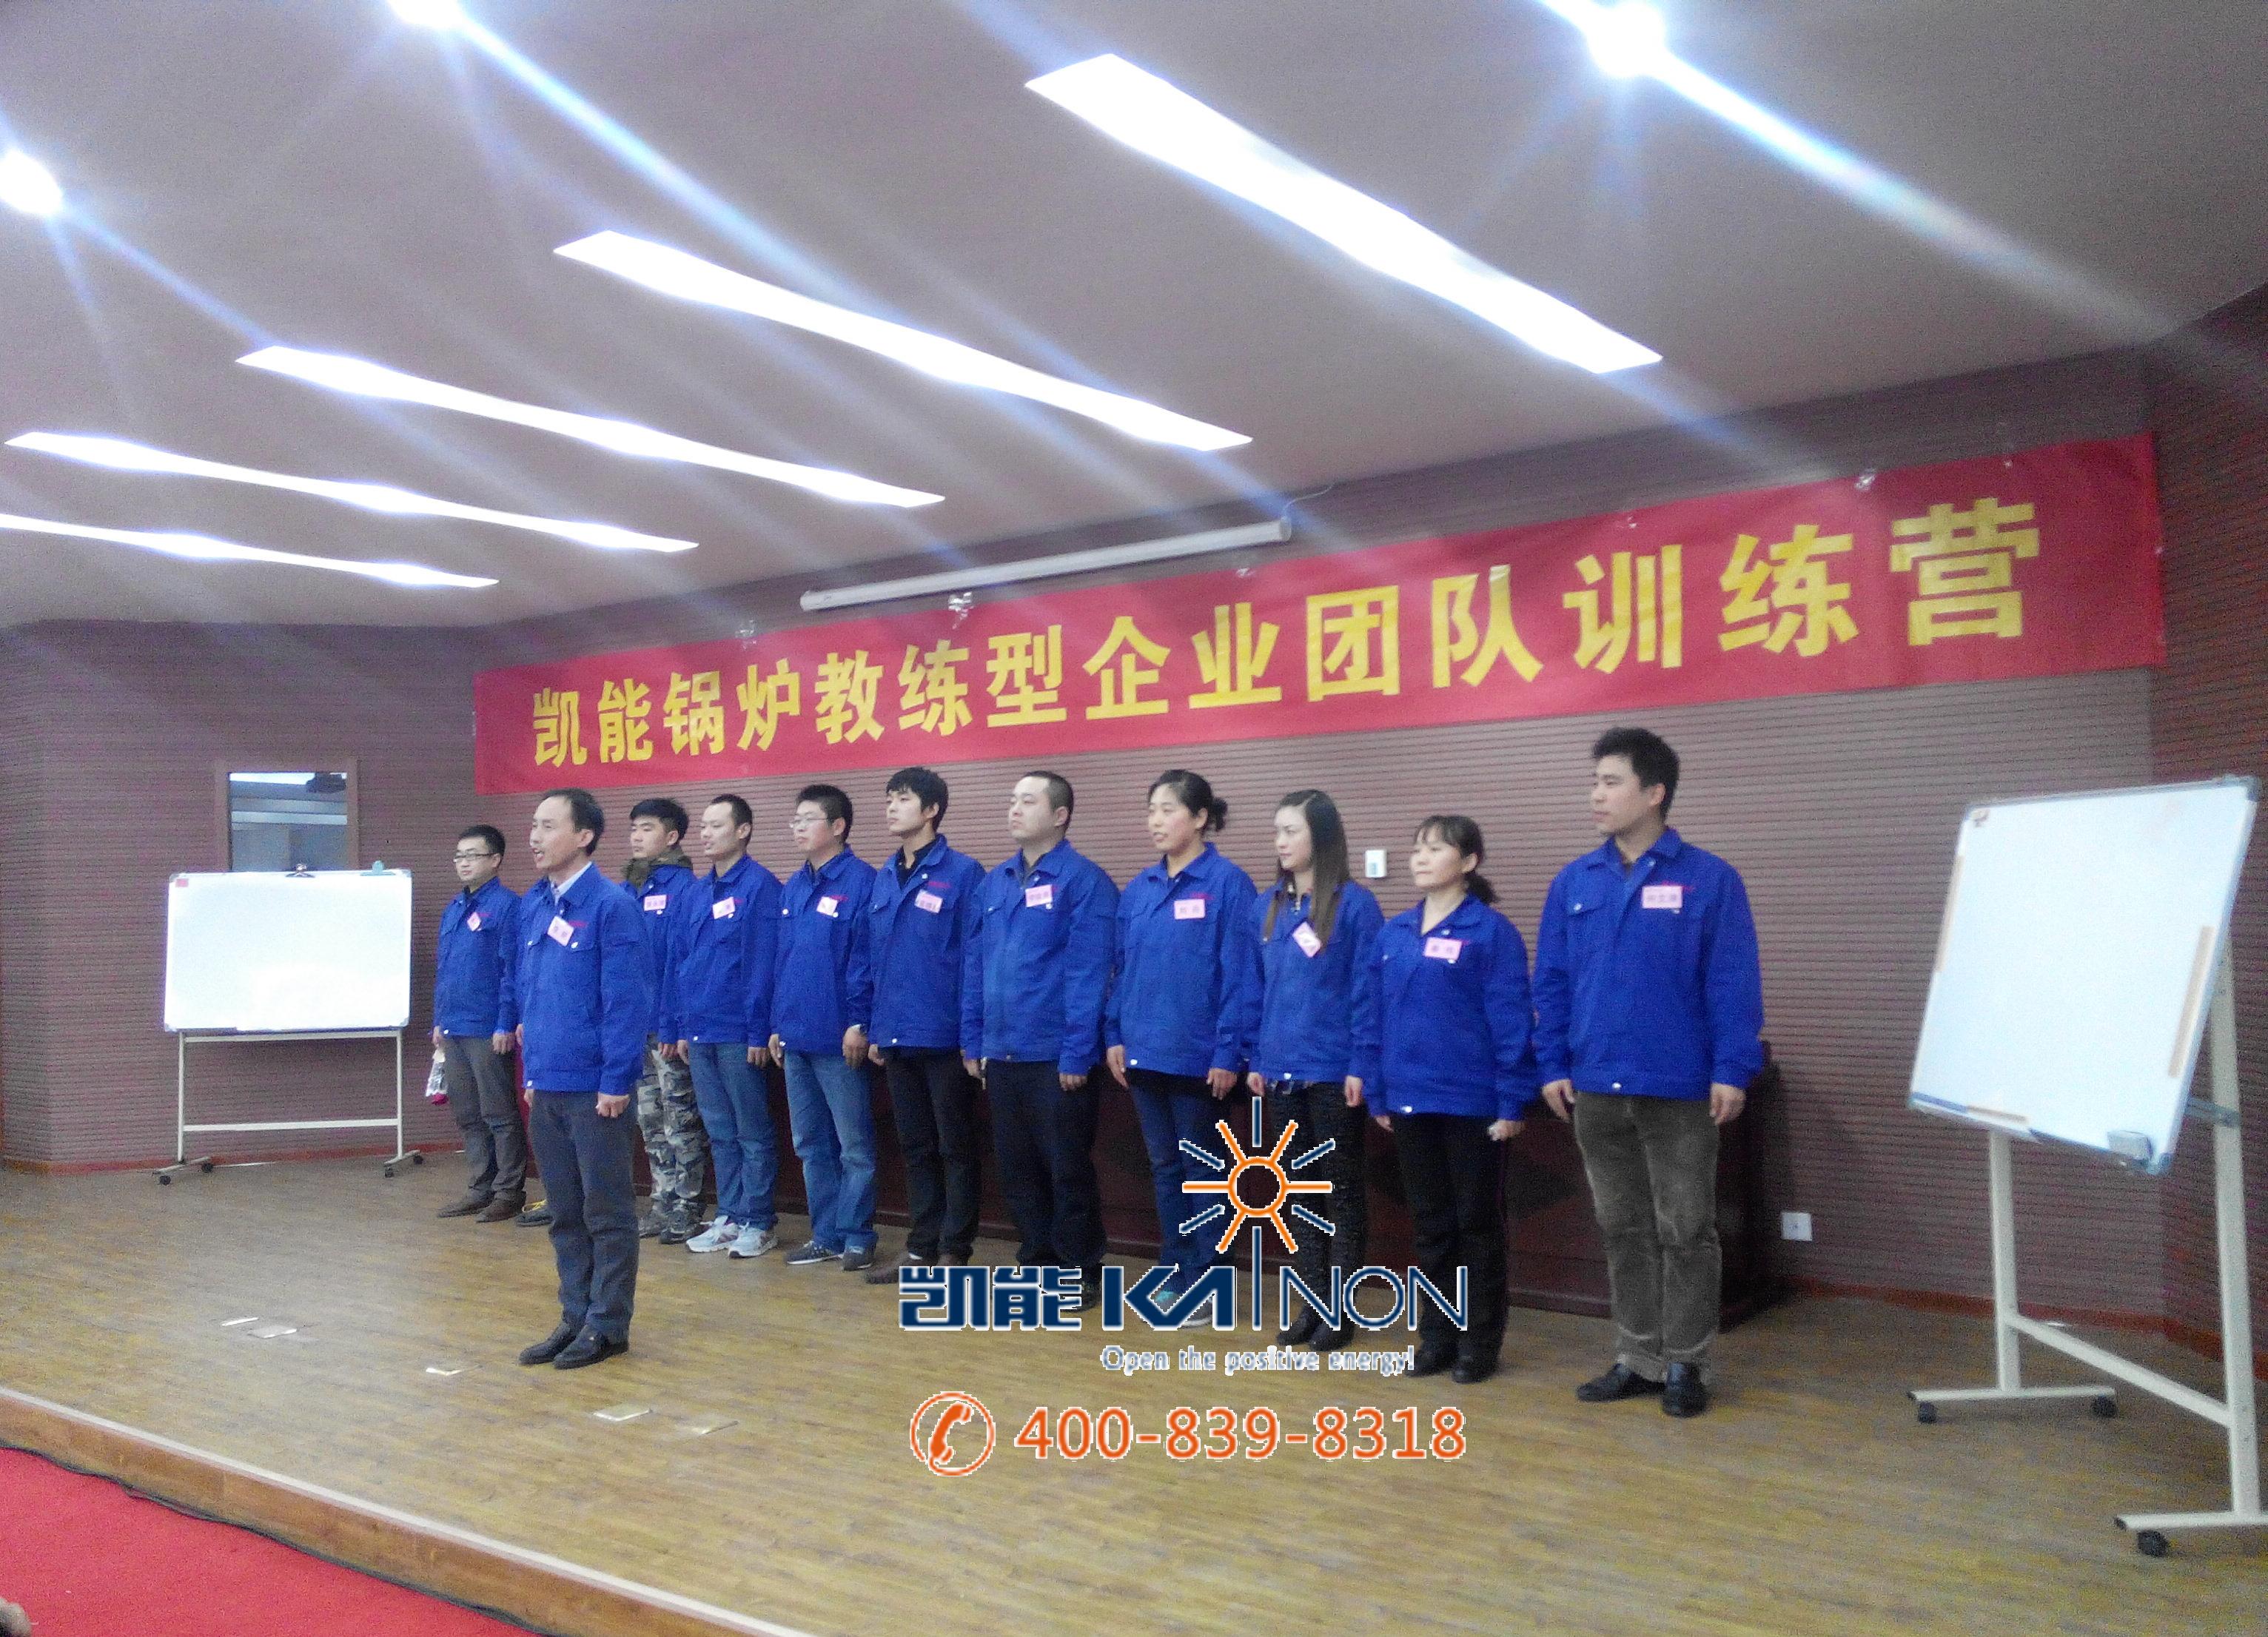 青岛凯能锅炉参加企业团队训练营